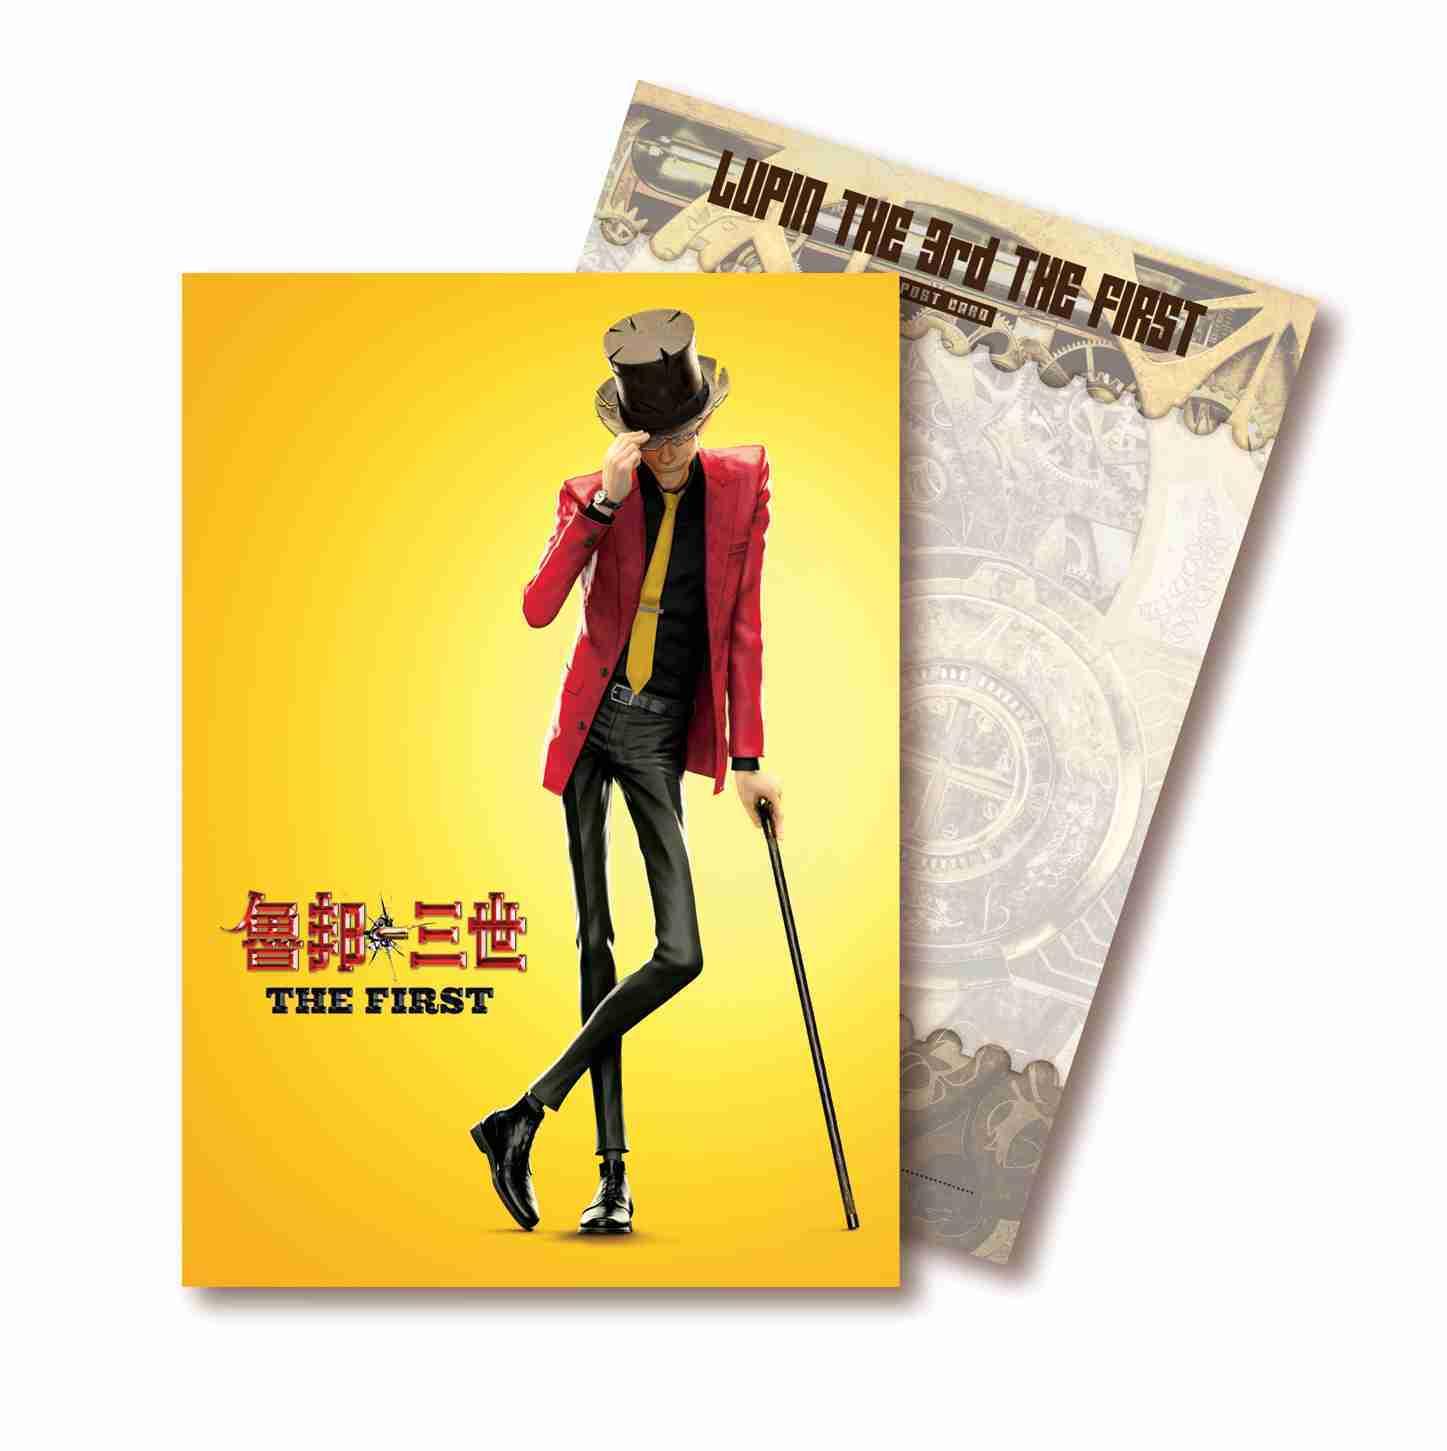 《魯邦三世 THE FIRST 單人套票C》送『電影上映紀念明信片』二張